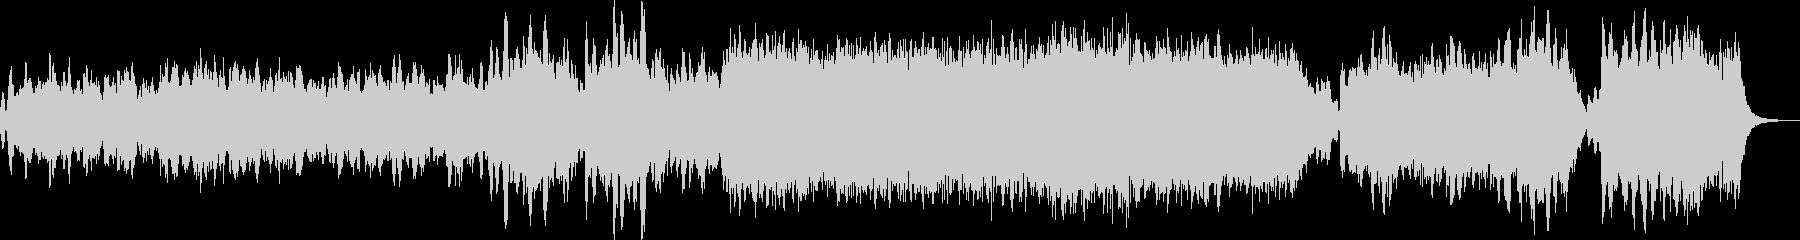 オーケストラによるクリスマスのイメージの未再生の波形